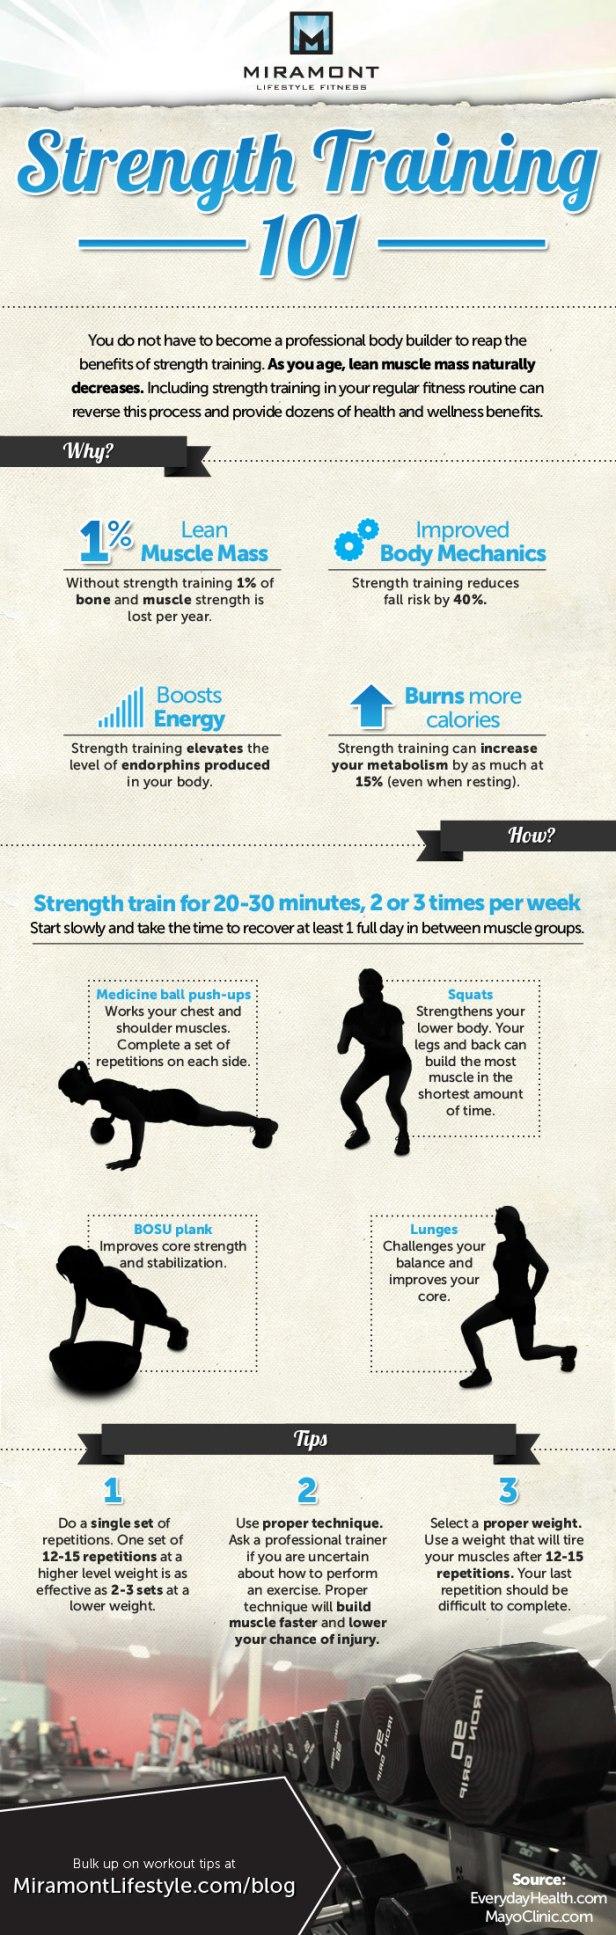 StrengthTraining101.jpg